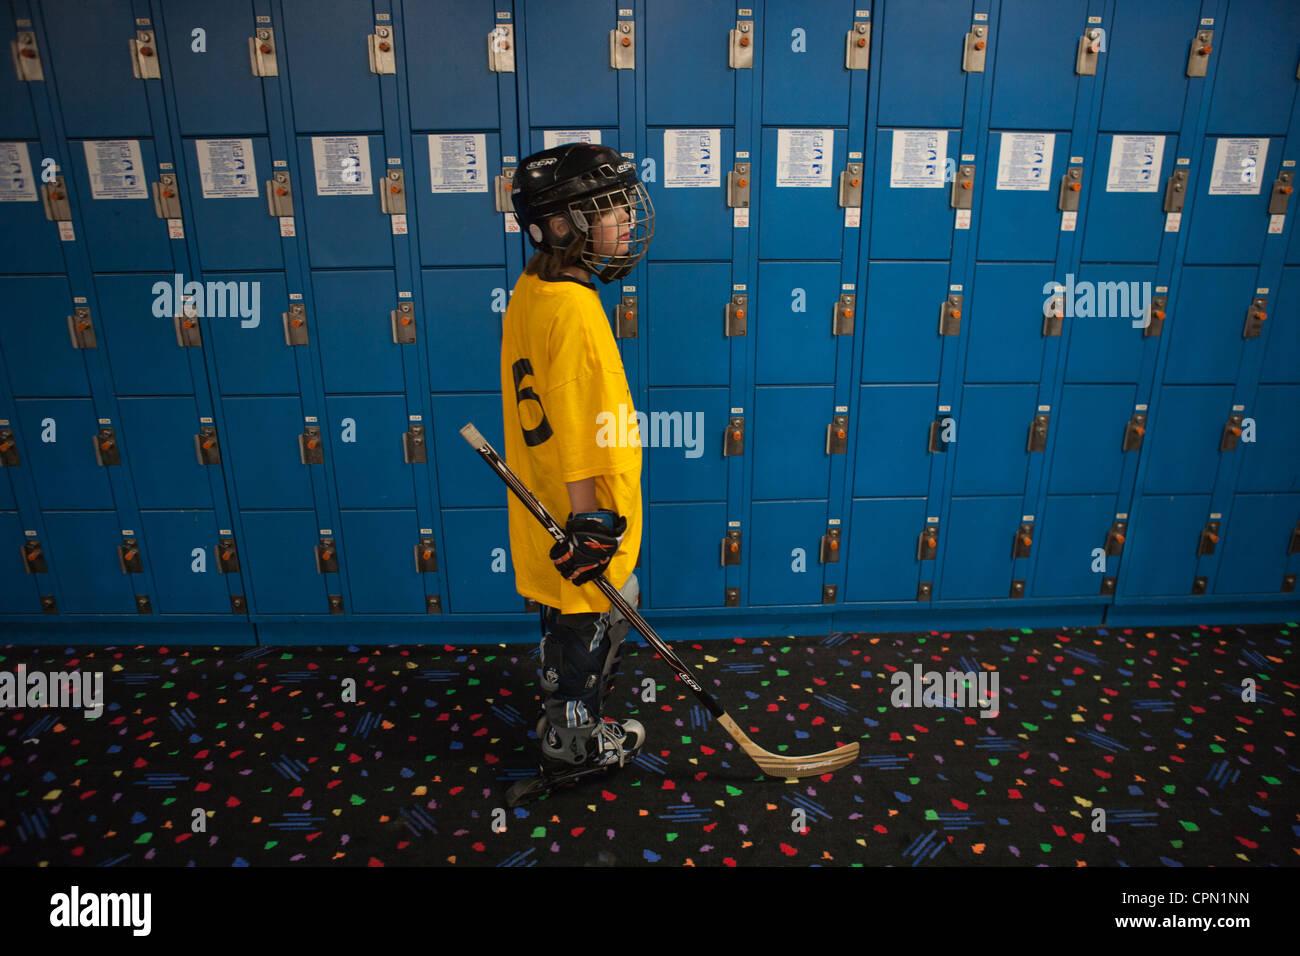 Niño de nueve años de pie en frente de armarios, preparándose para jugar hockey. Imagen De Stock